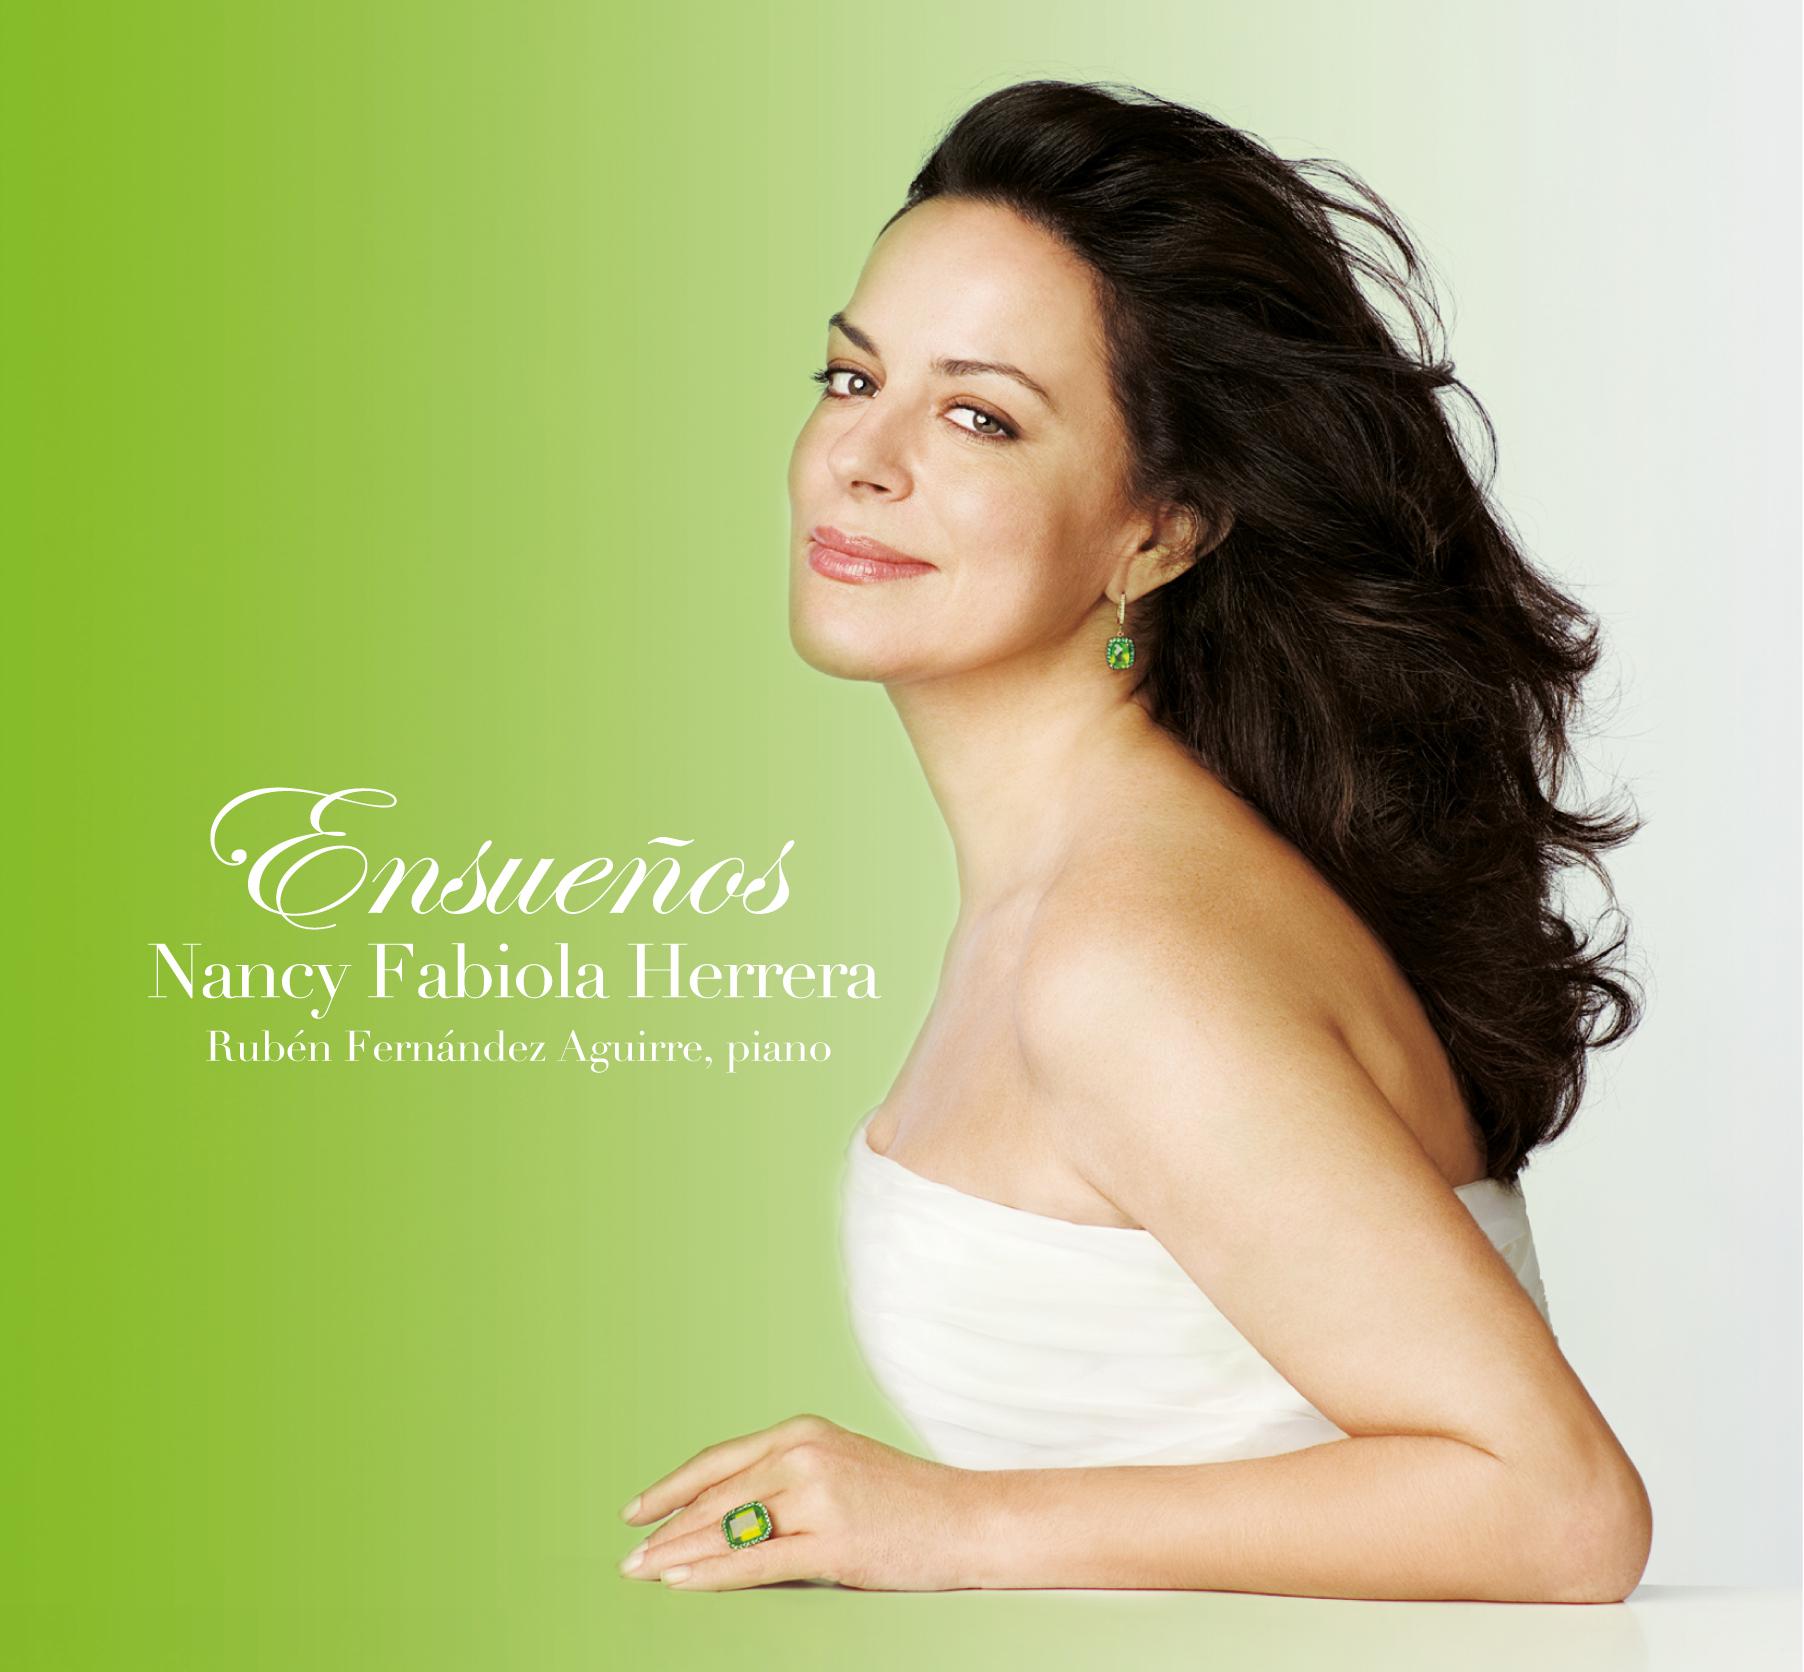 Ensueños, nuevo CD de Nancy Fabiola Herrera